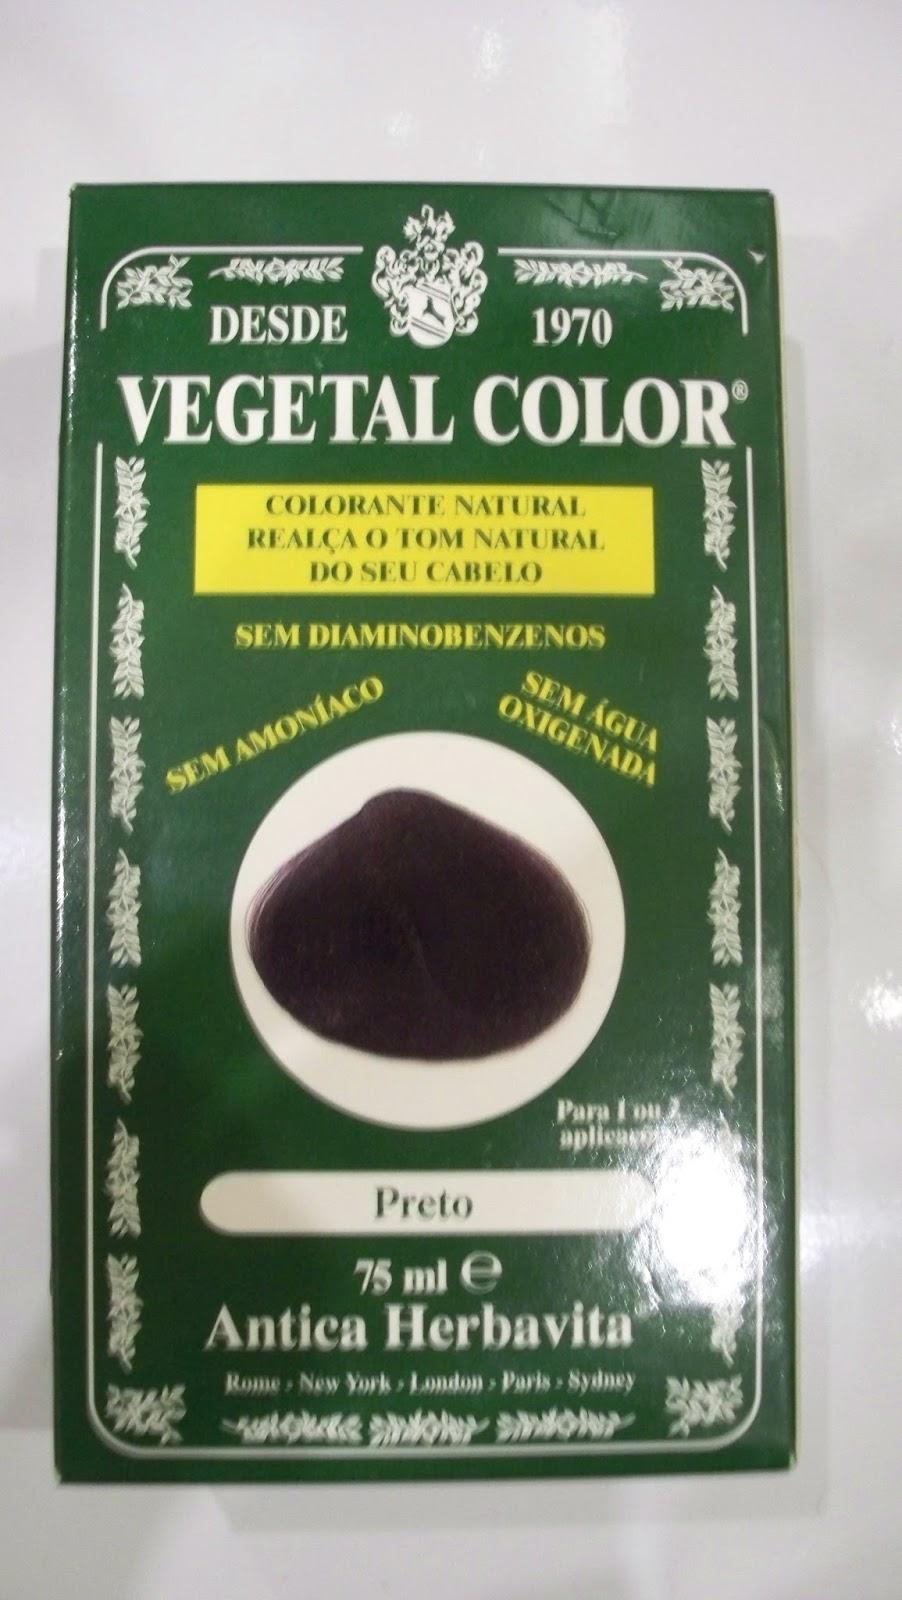 farbowanie włosów - vegetal color